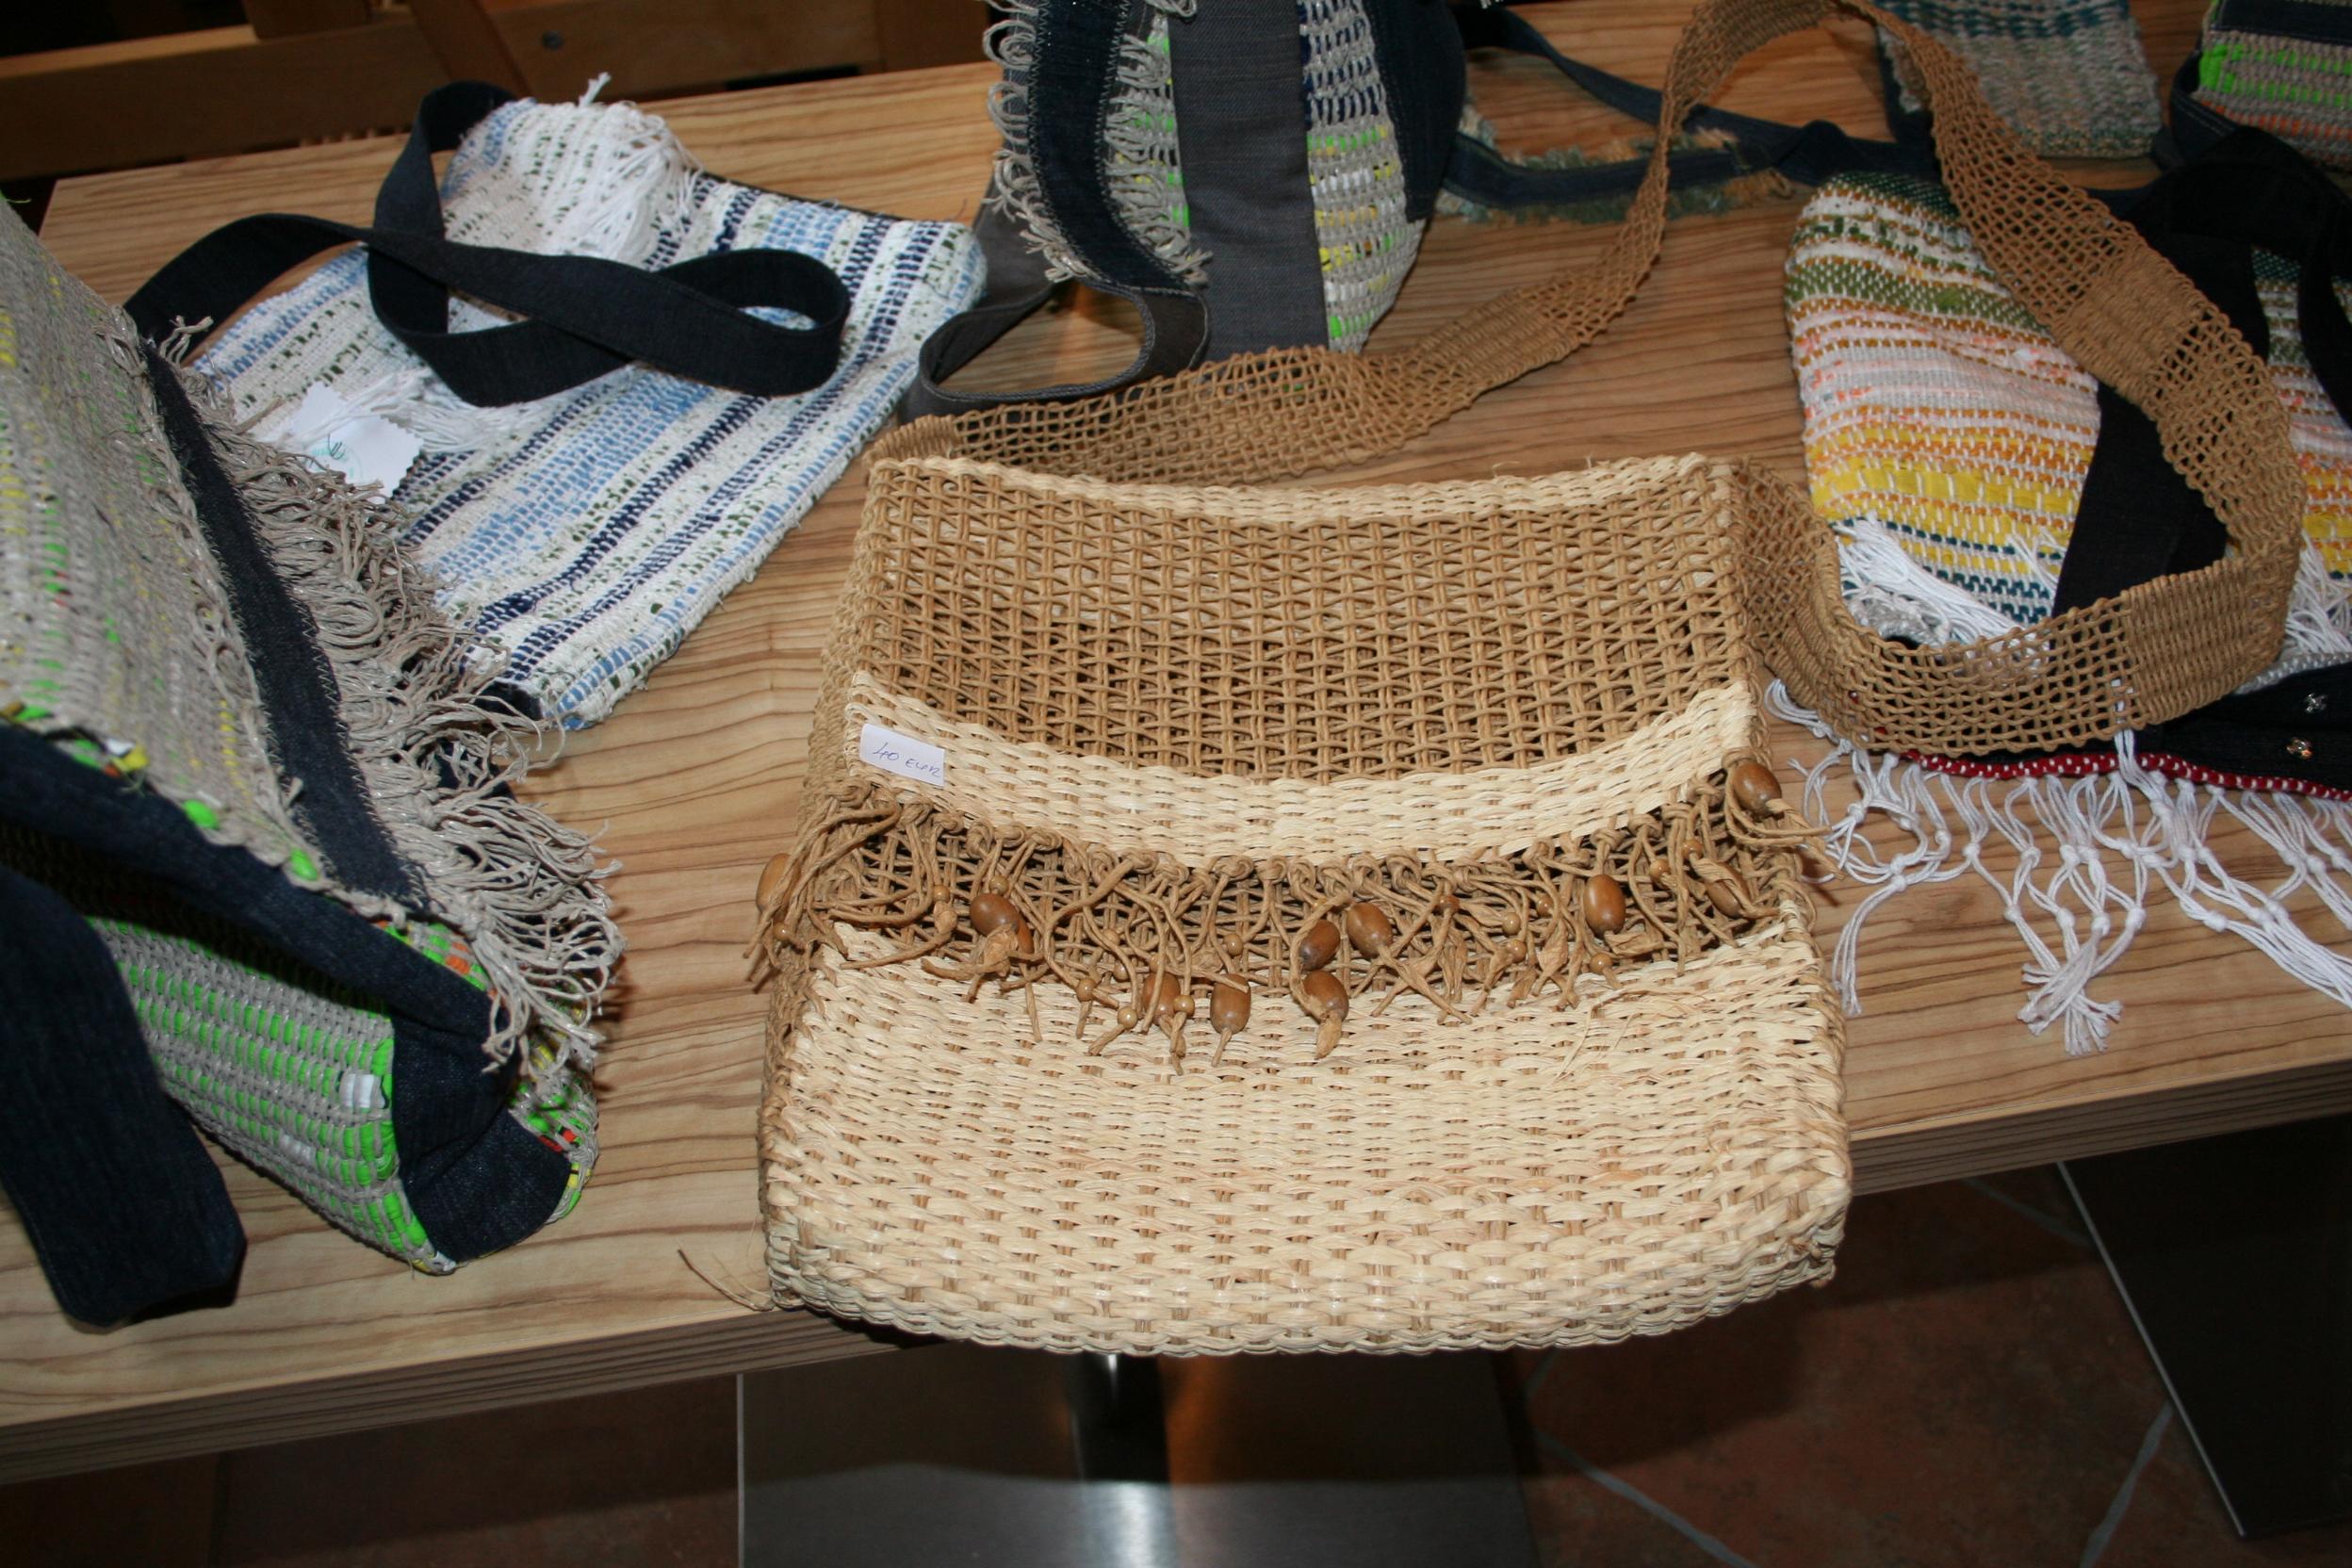 Prikaz unikatnega ročnega tkanja in razstava izdelkov, Pristava 28.2.2014